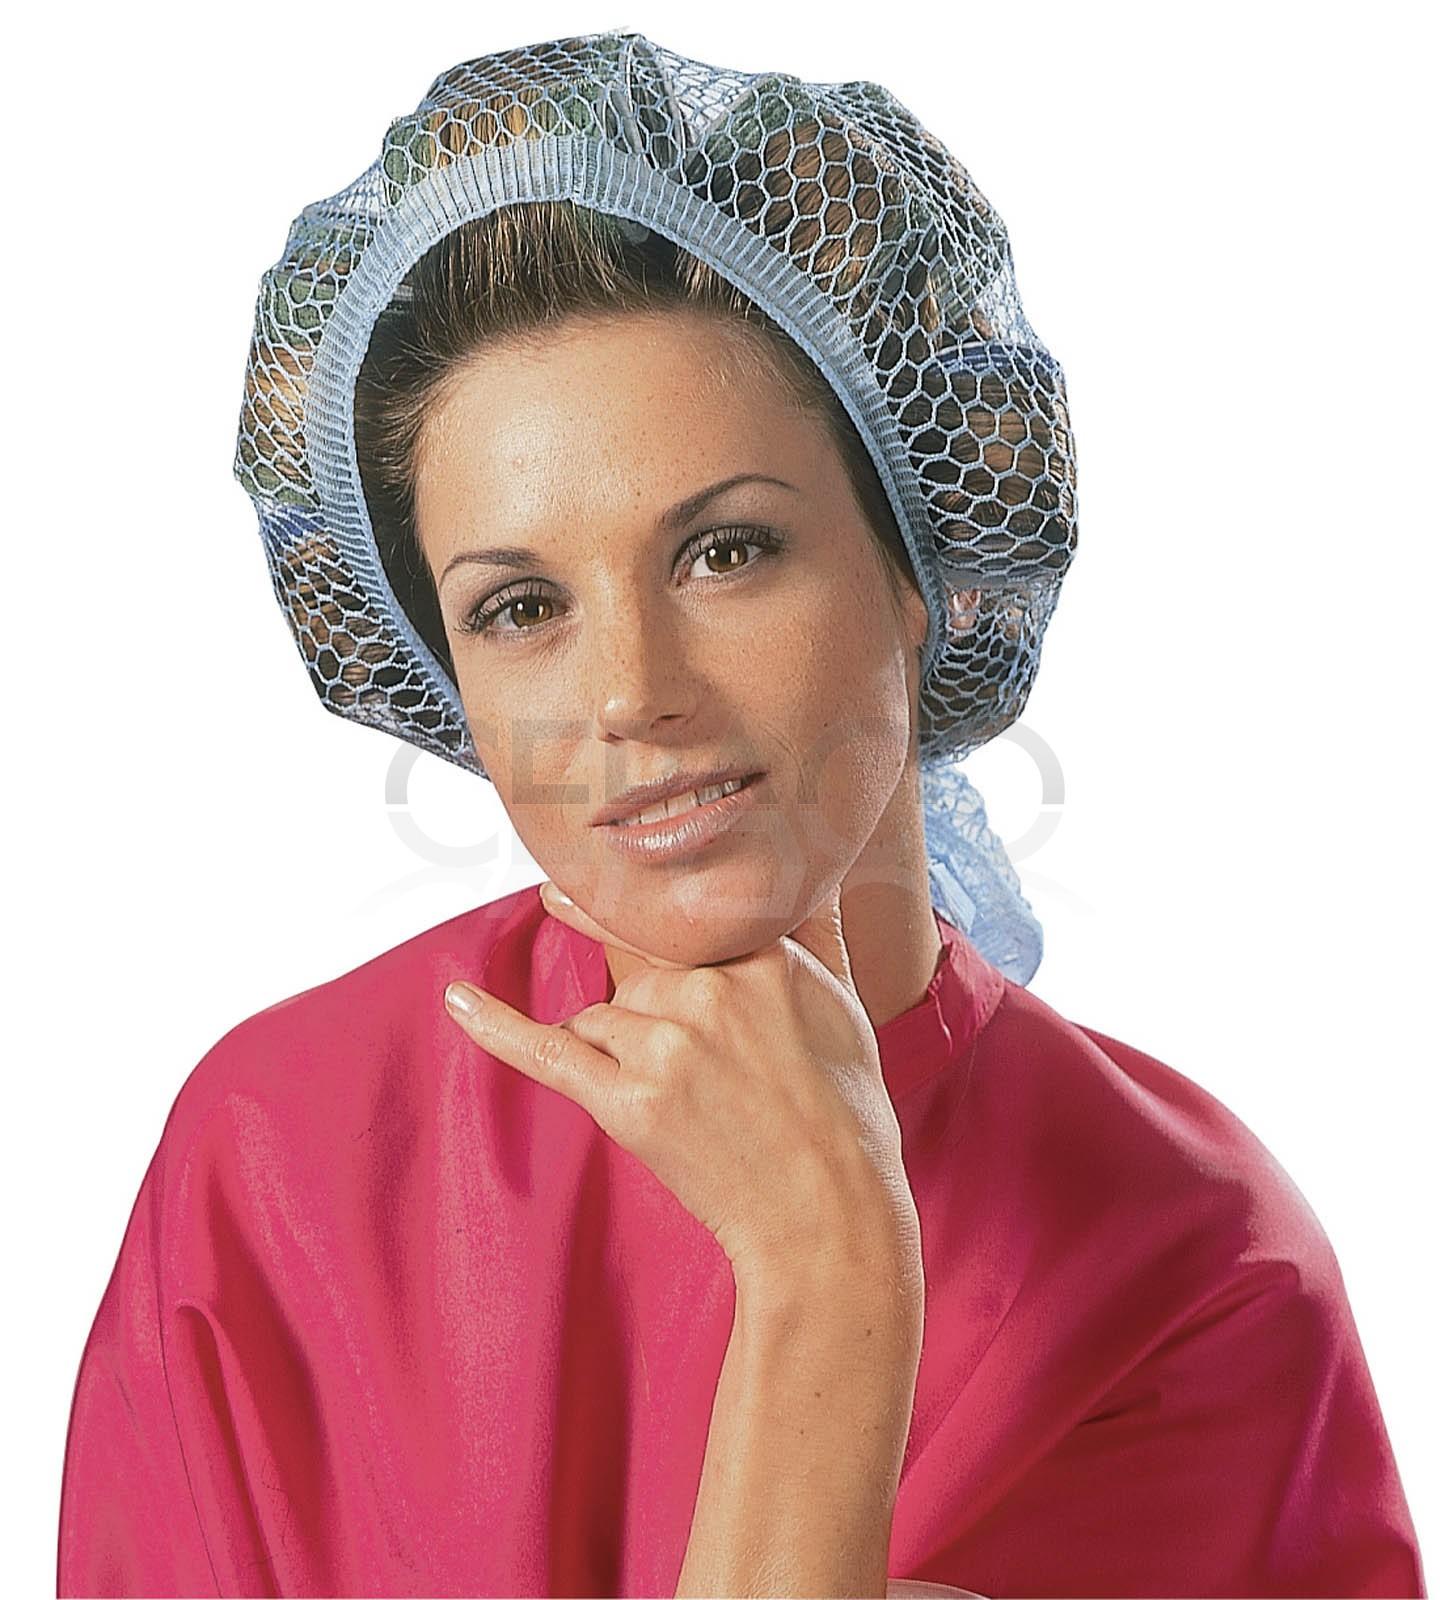 filet mise en plis rayonne cepaco le centre d 39 achat de la coiffure et de l 39 esth tique. Black Bedroom Furniture Sets. Home Design Ideas